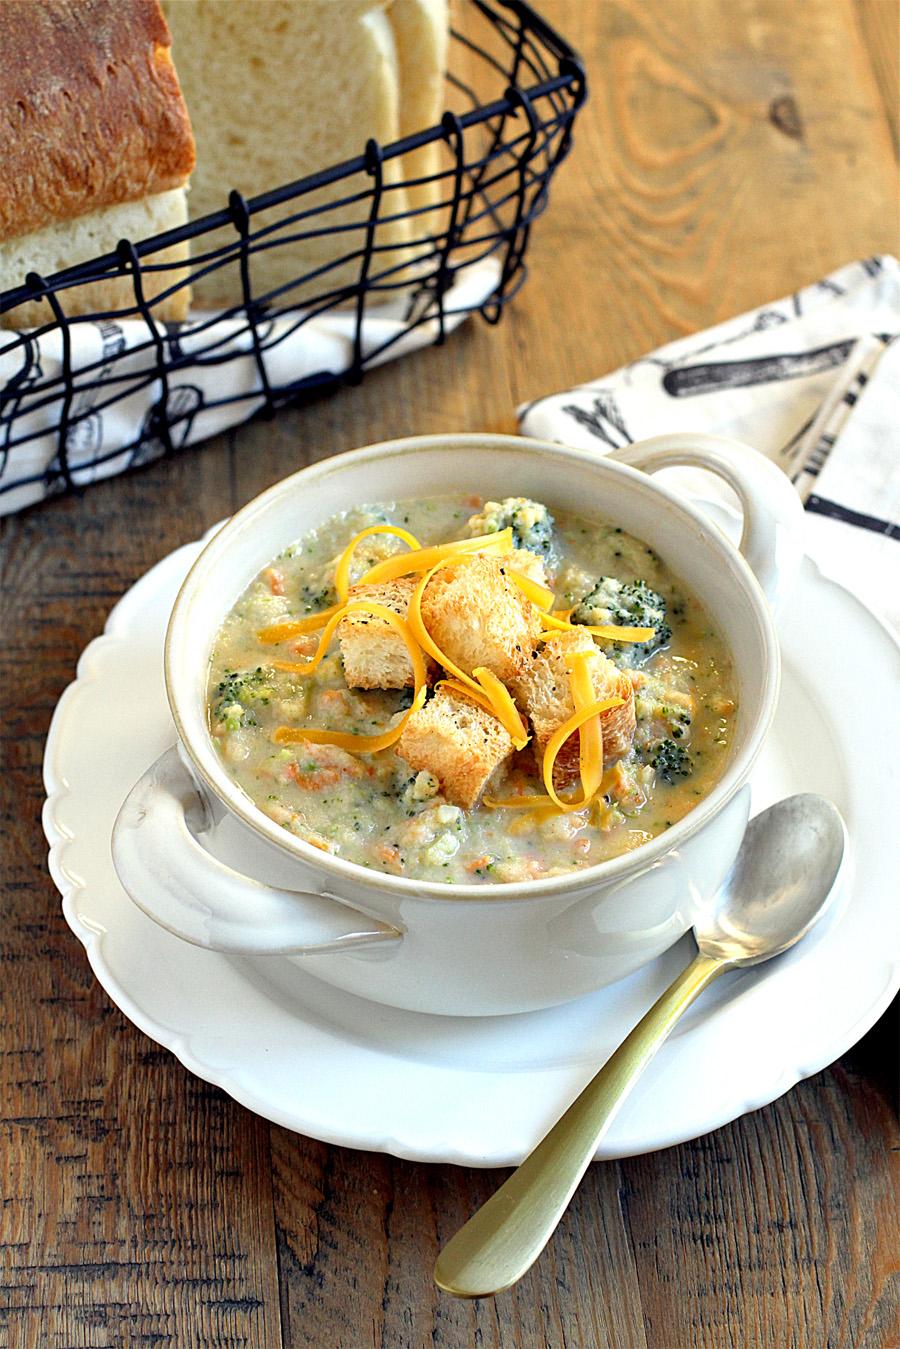 6. Healthy Broccoli Cheddar Soup copy